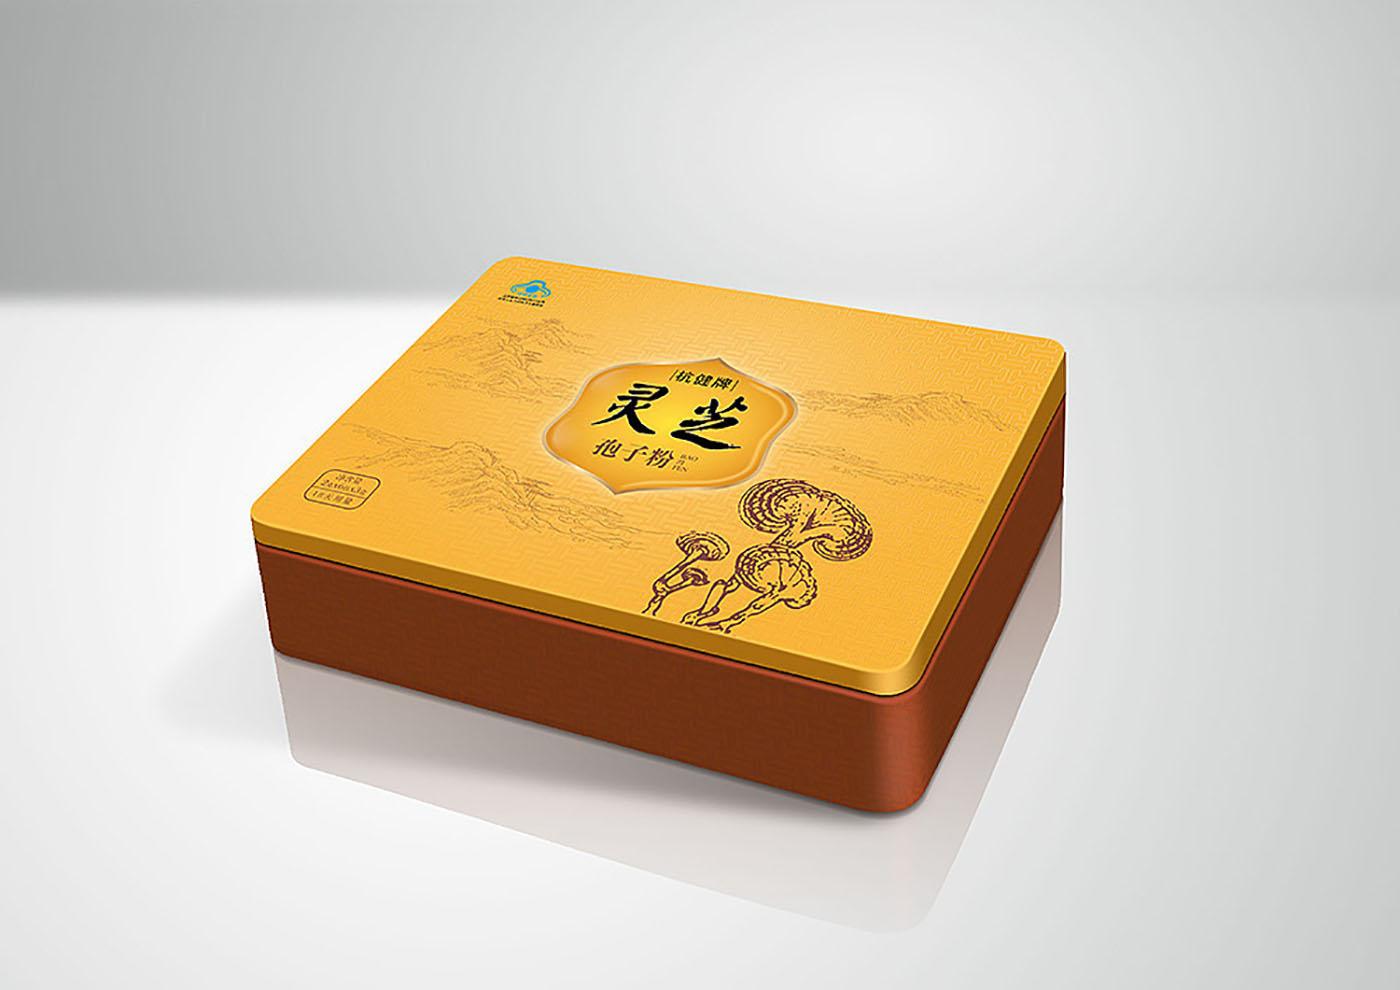 铁皮石斛保健品包装设计-高端保健品包装设计公司